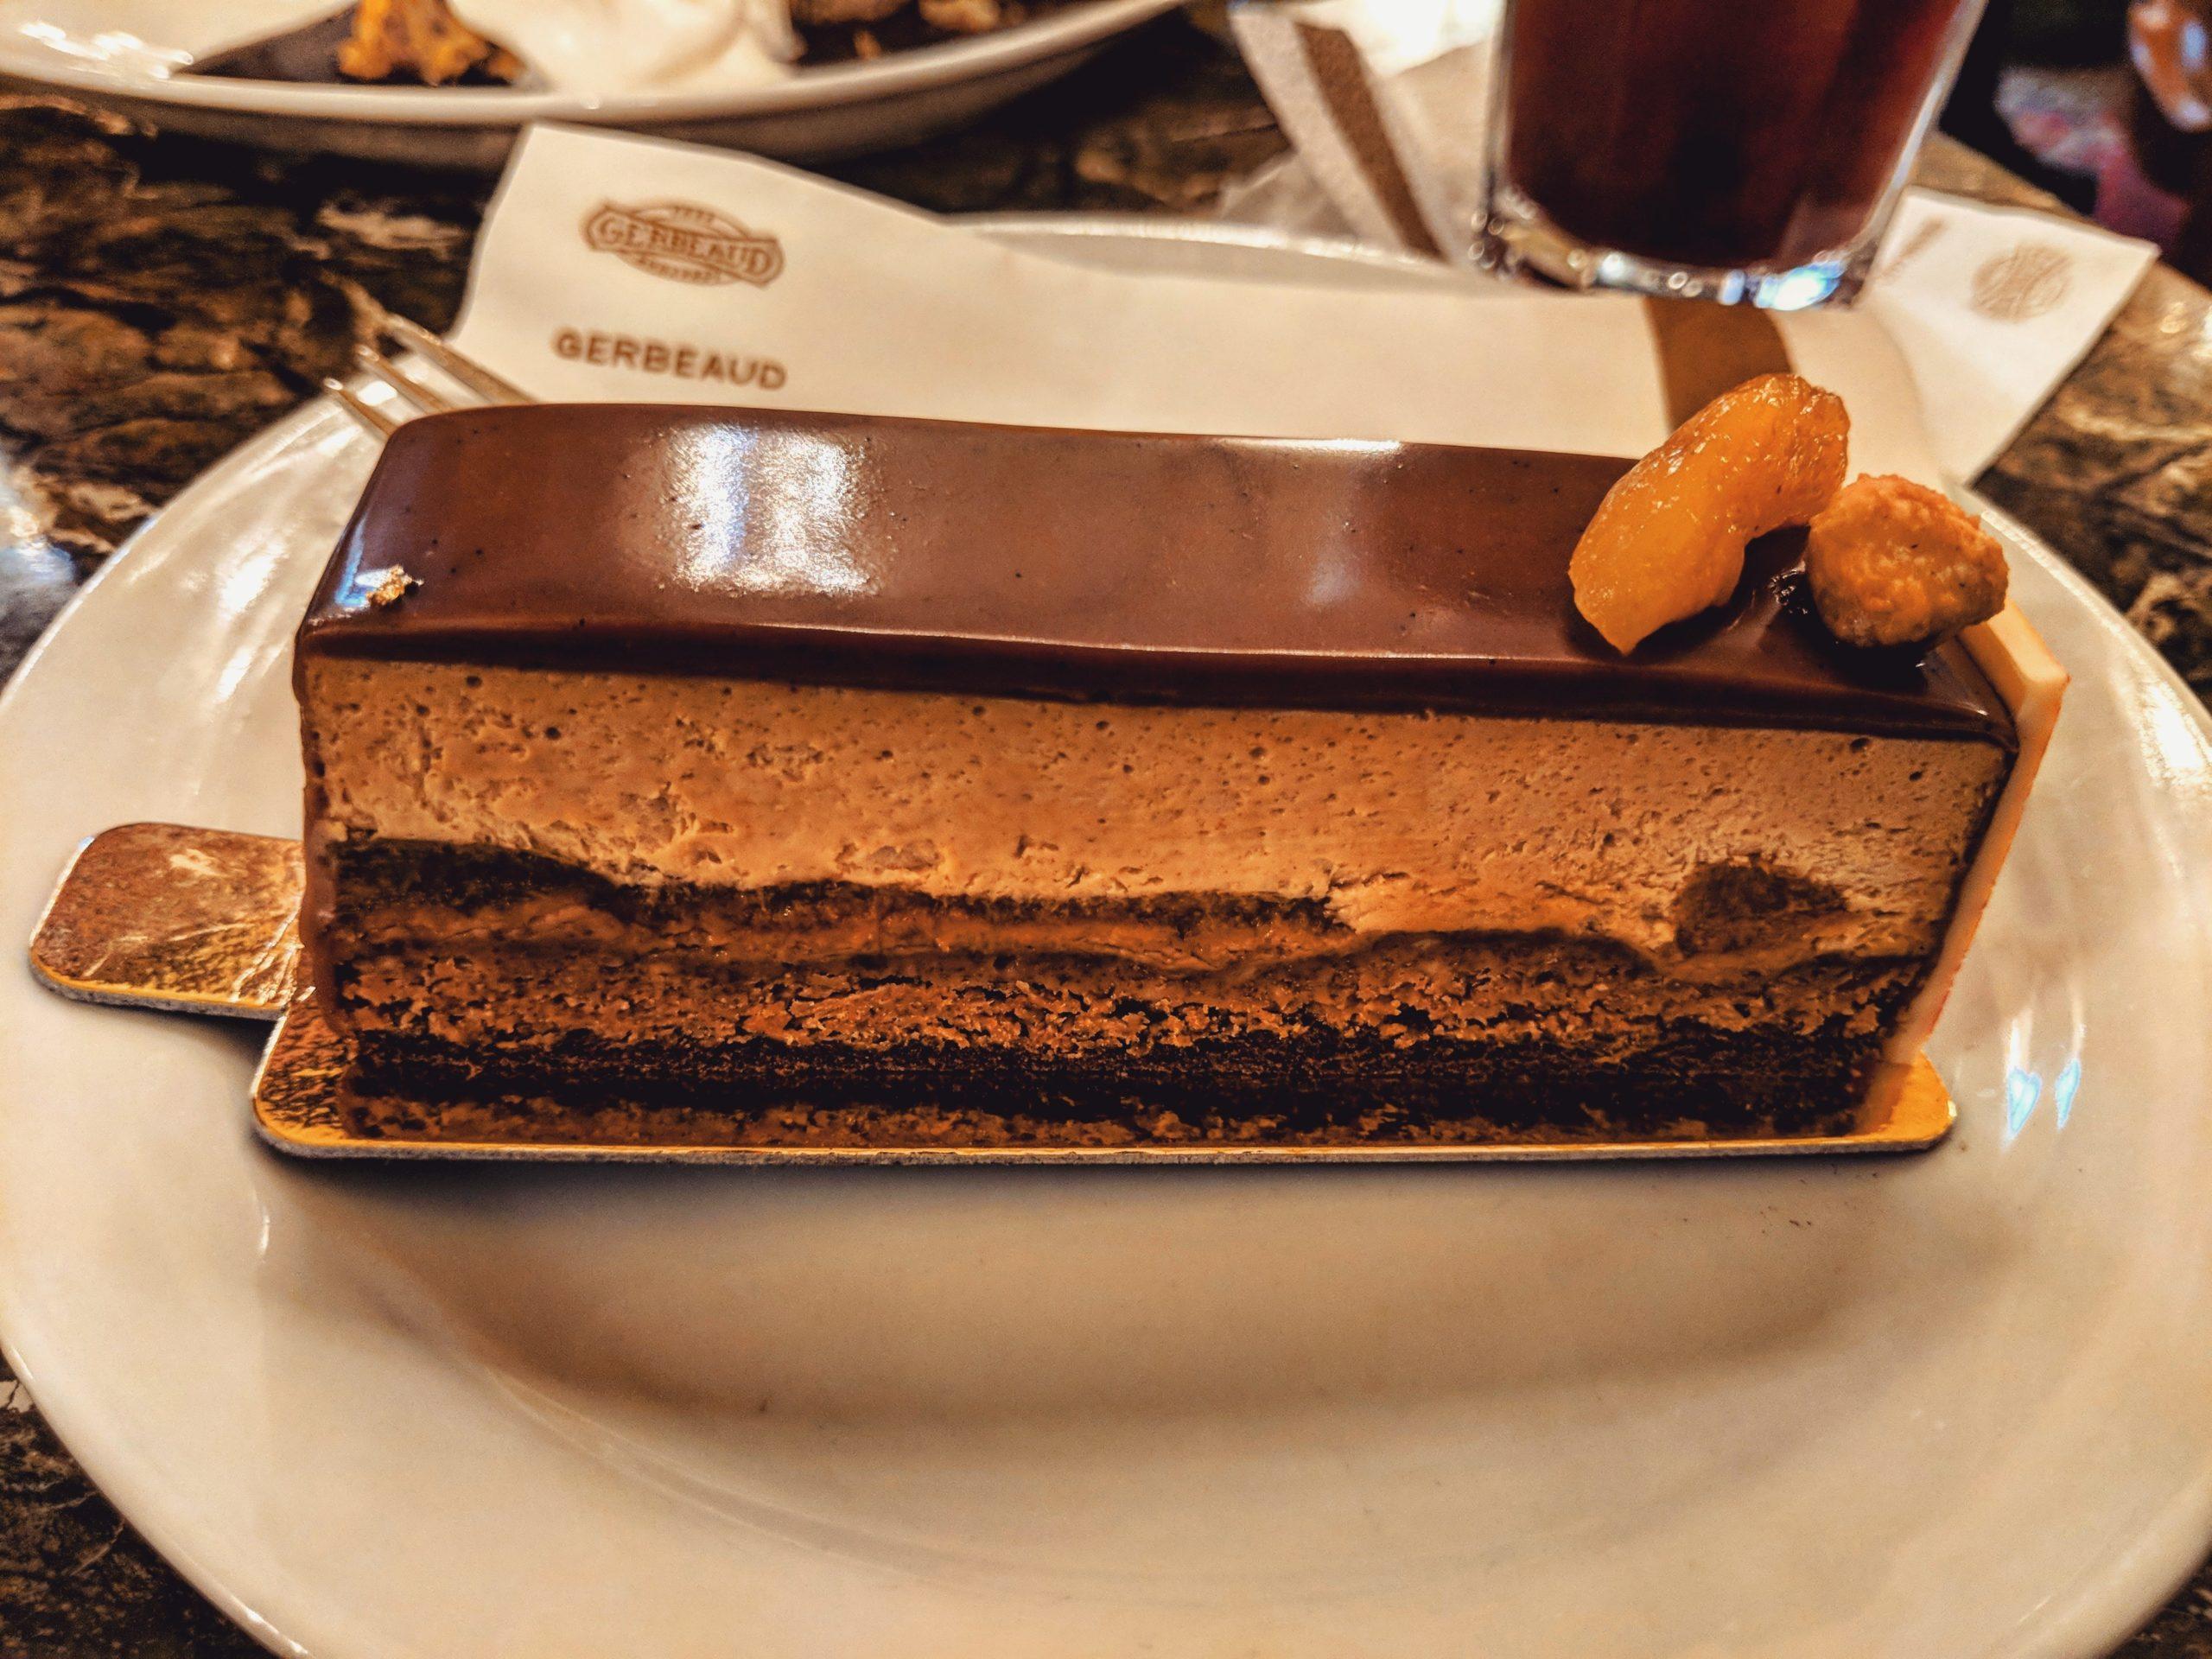 Gâteau de la Maison Gerbeaud